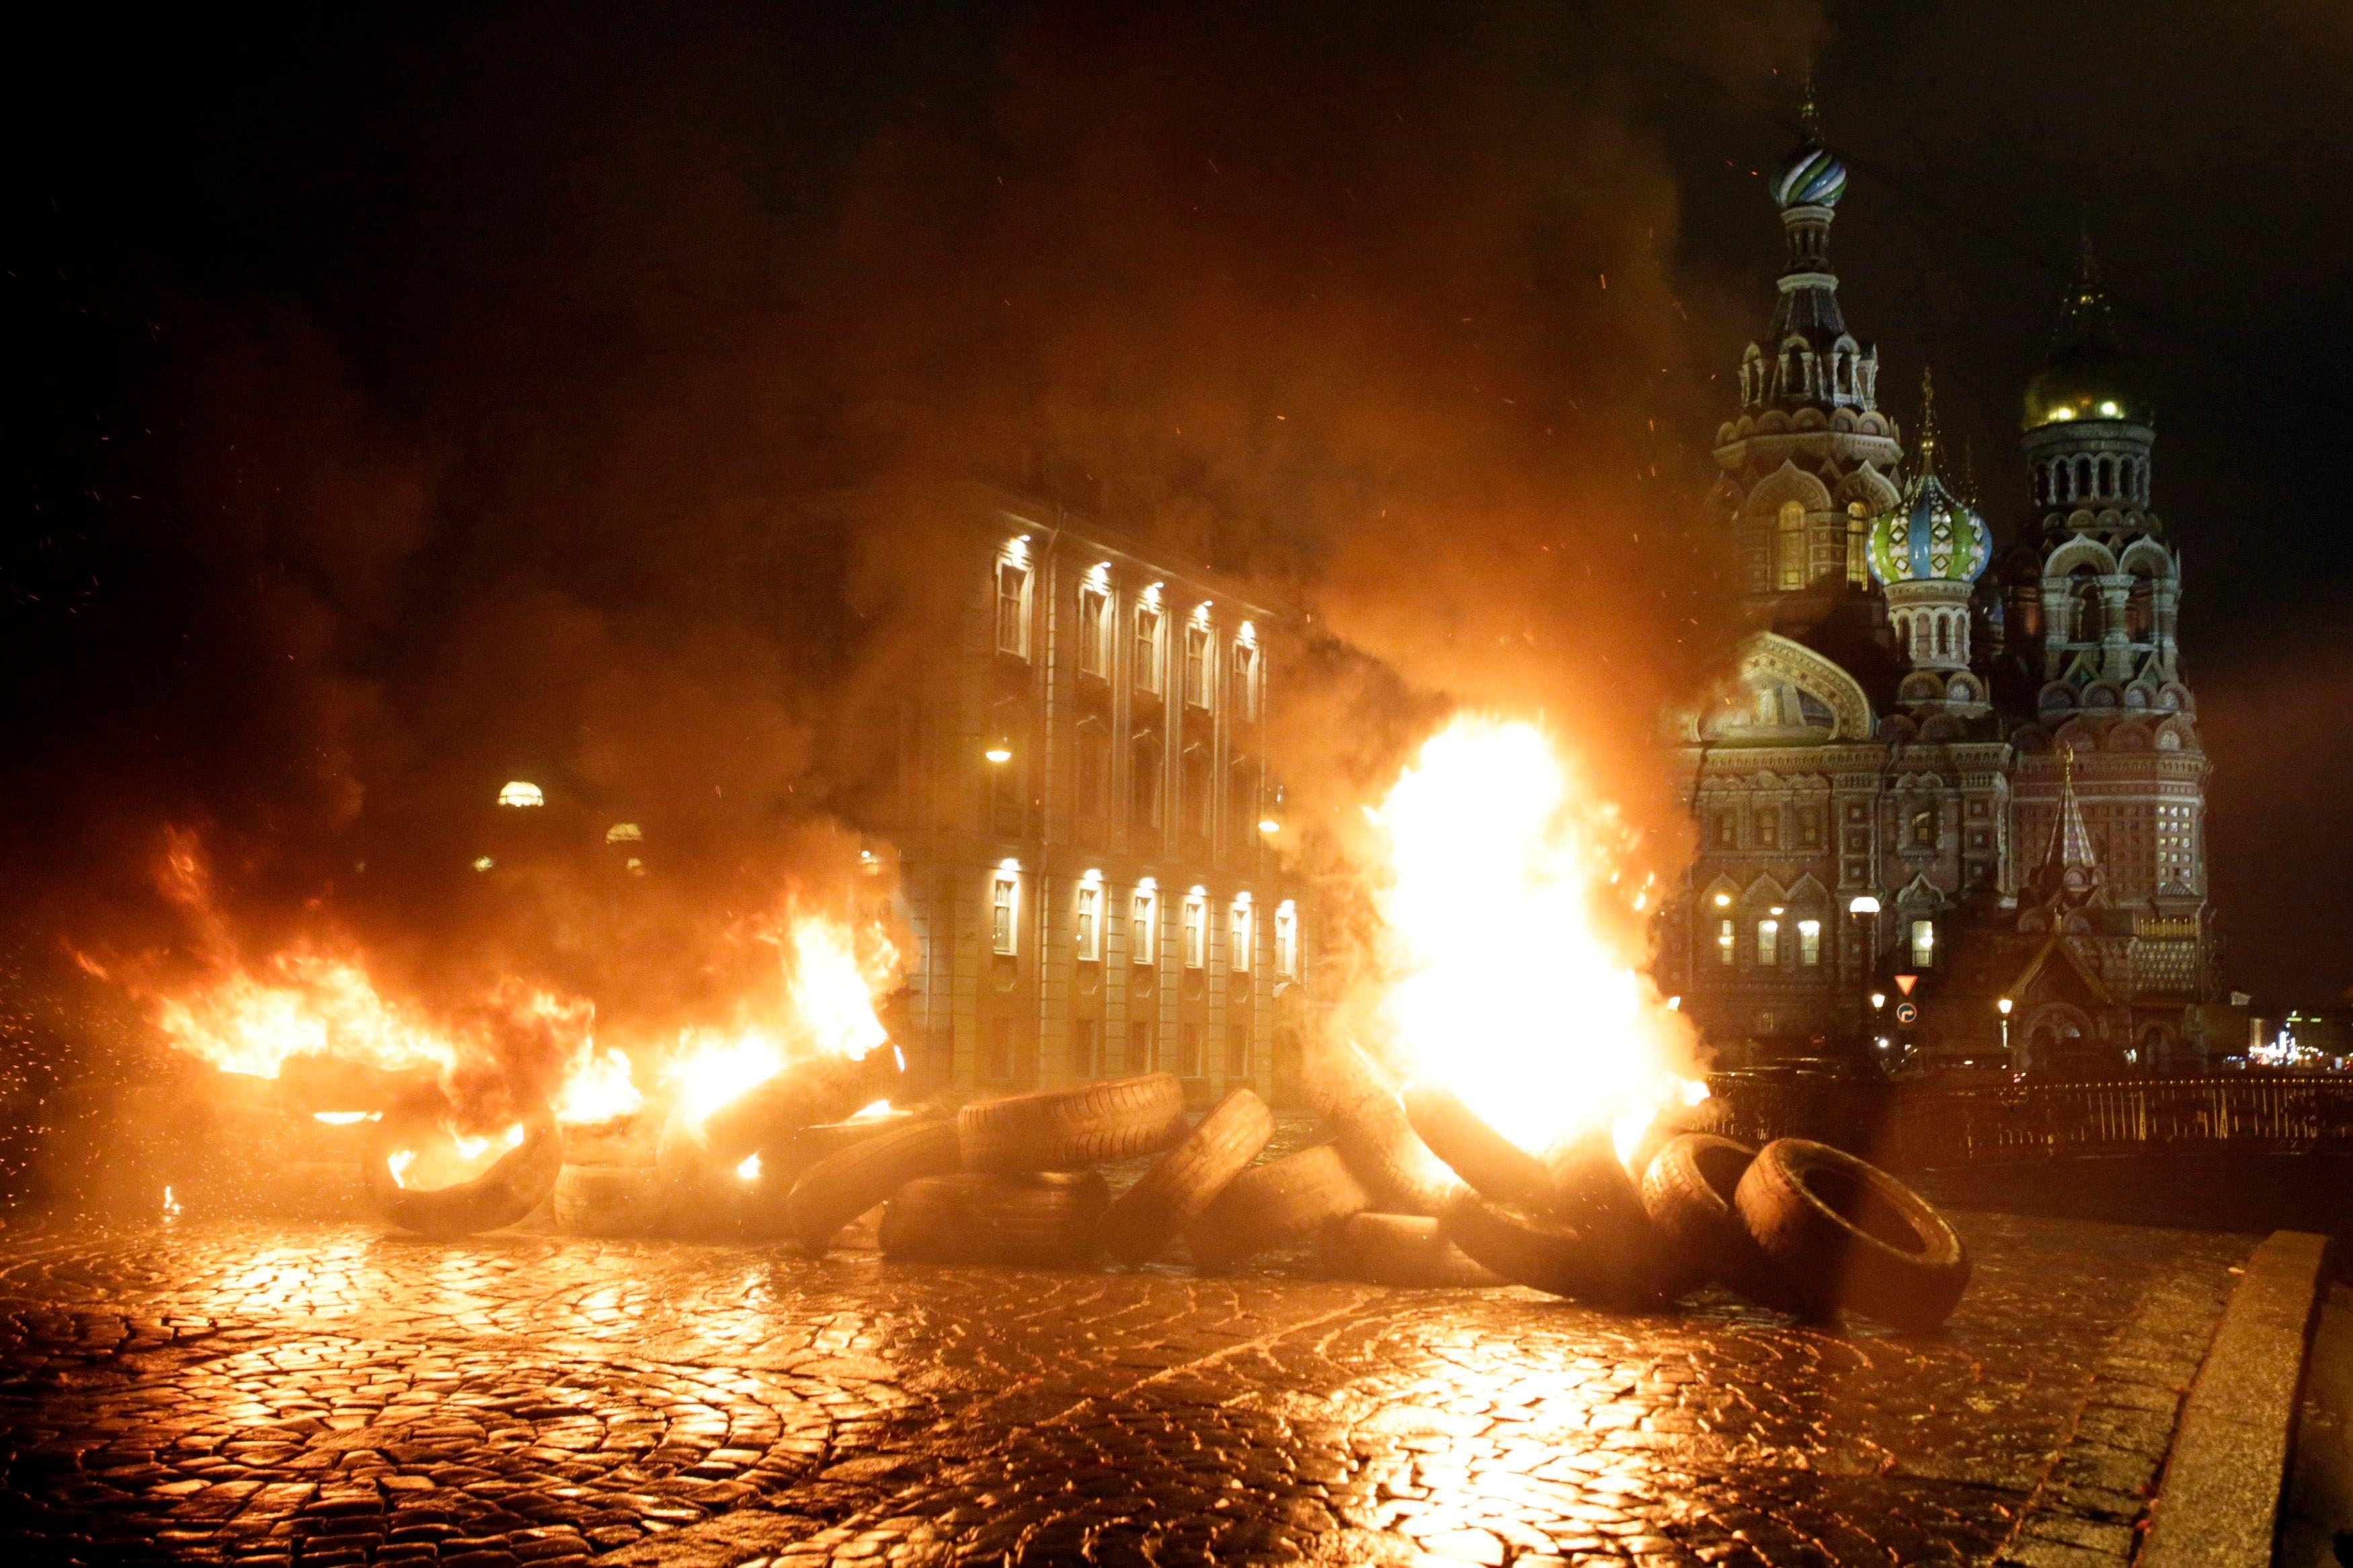 جانب من اعمال العنف في العاصمة الاوكرانية كييف